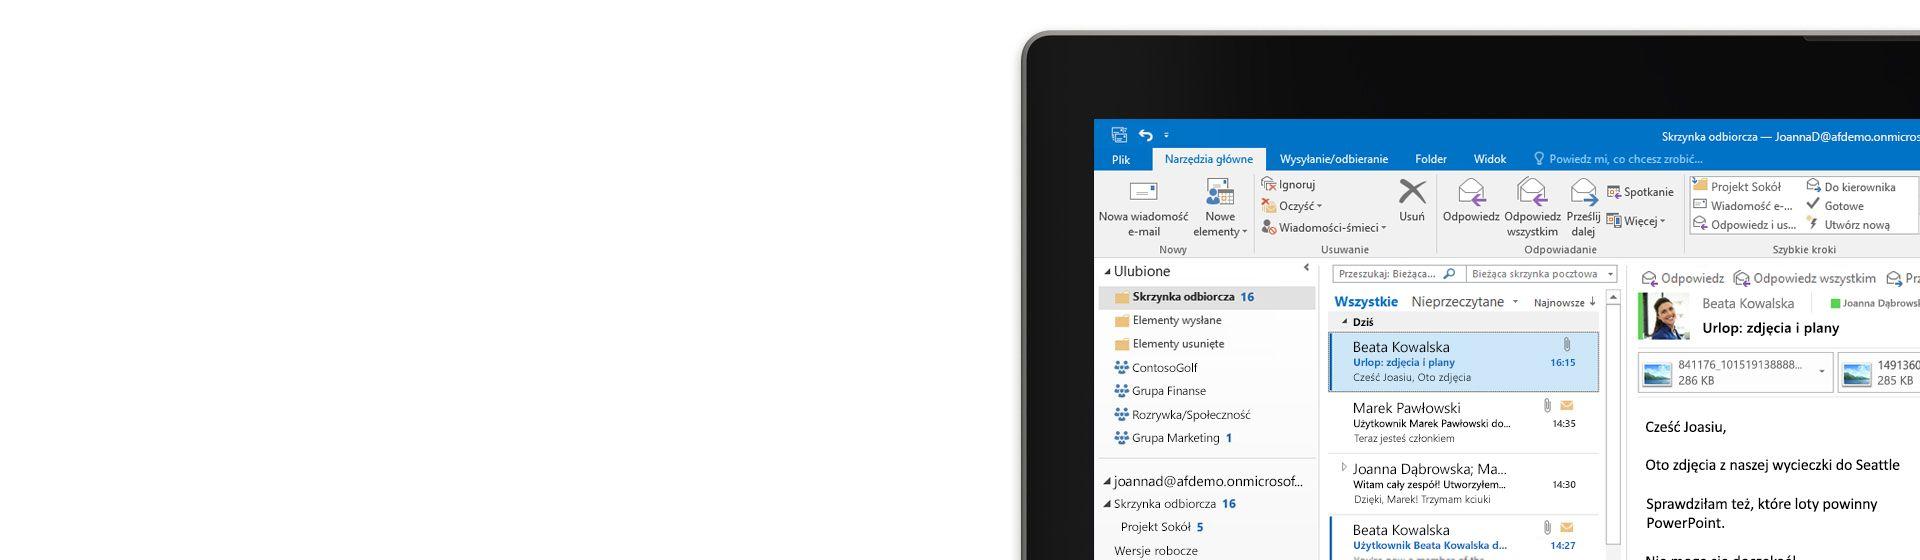 Widok częściowy klasycznej wersji programu Microsoft Outlook